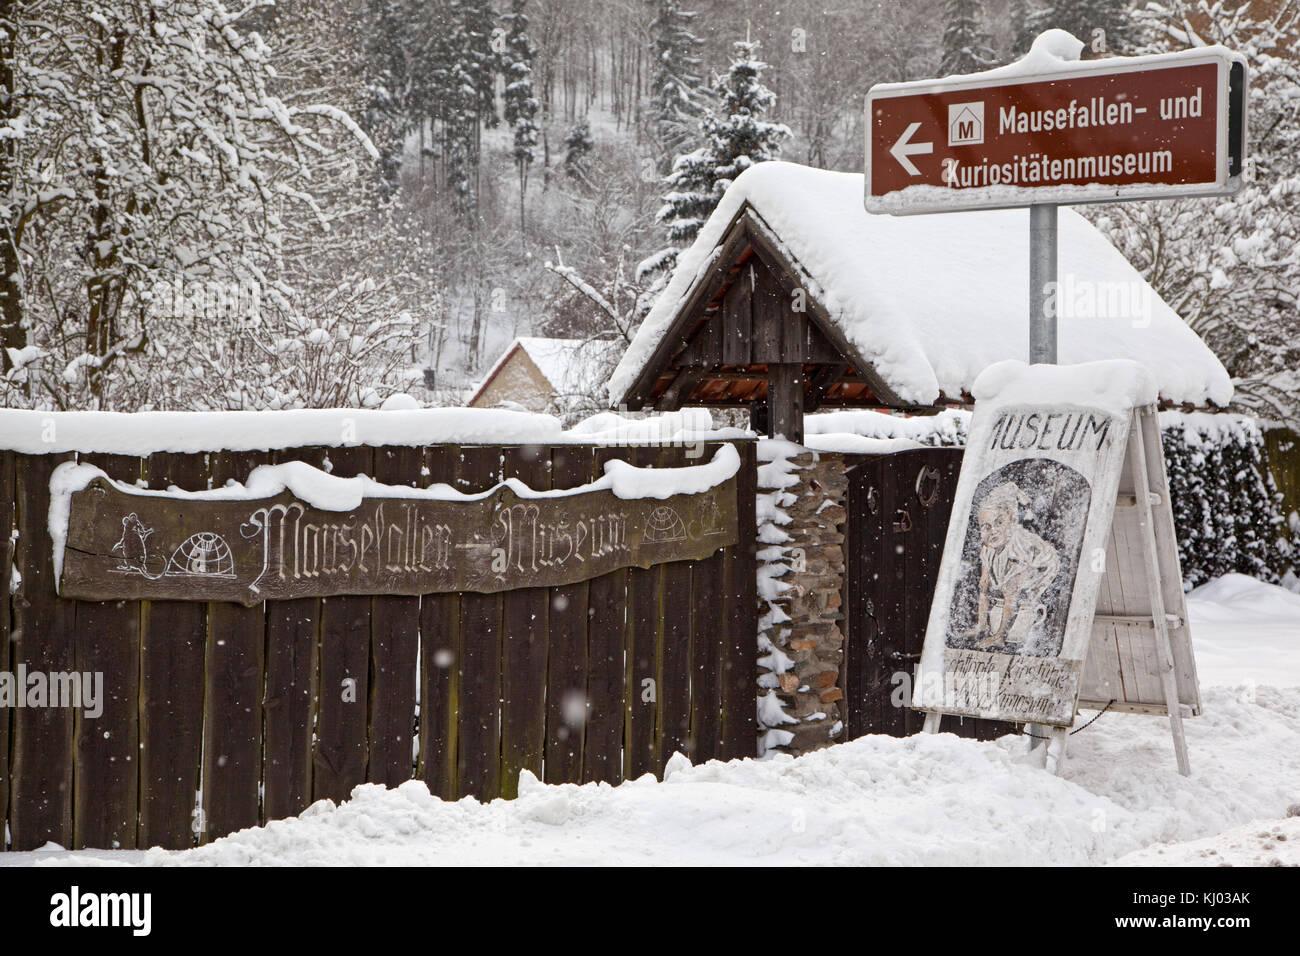 Mausefallen und Kuriositäten Museum Güntersberge Stockfoto